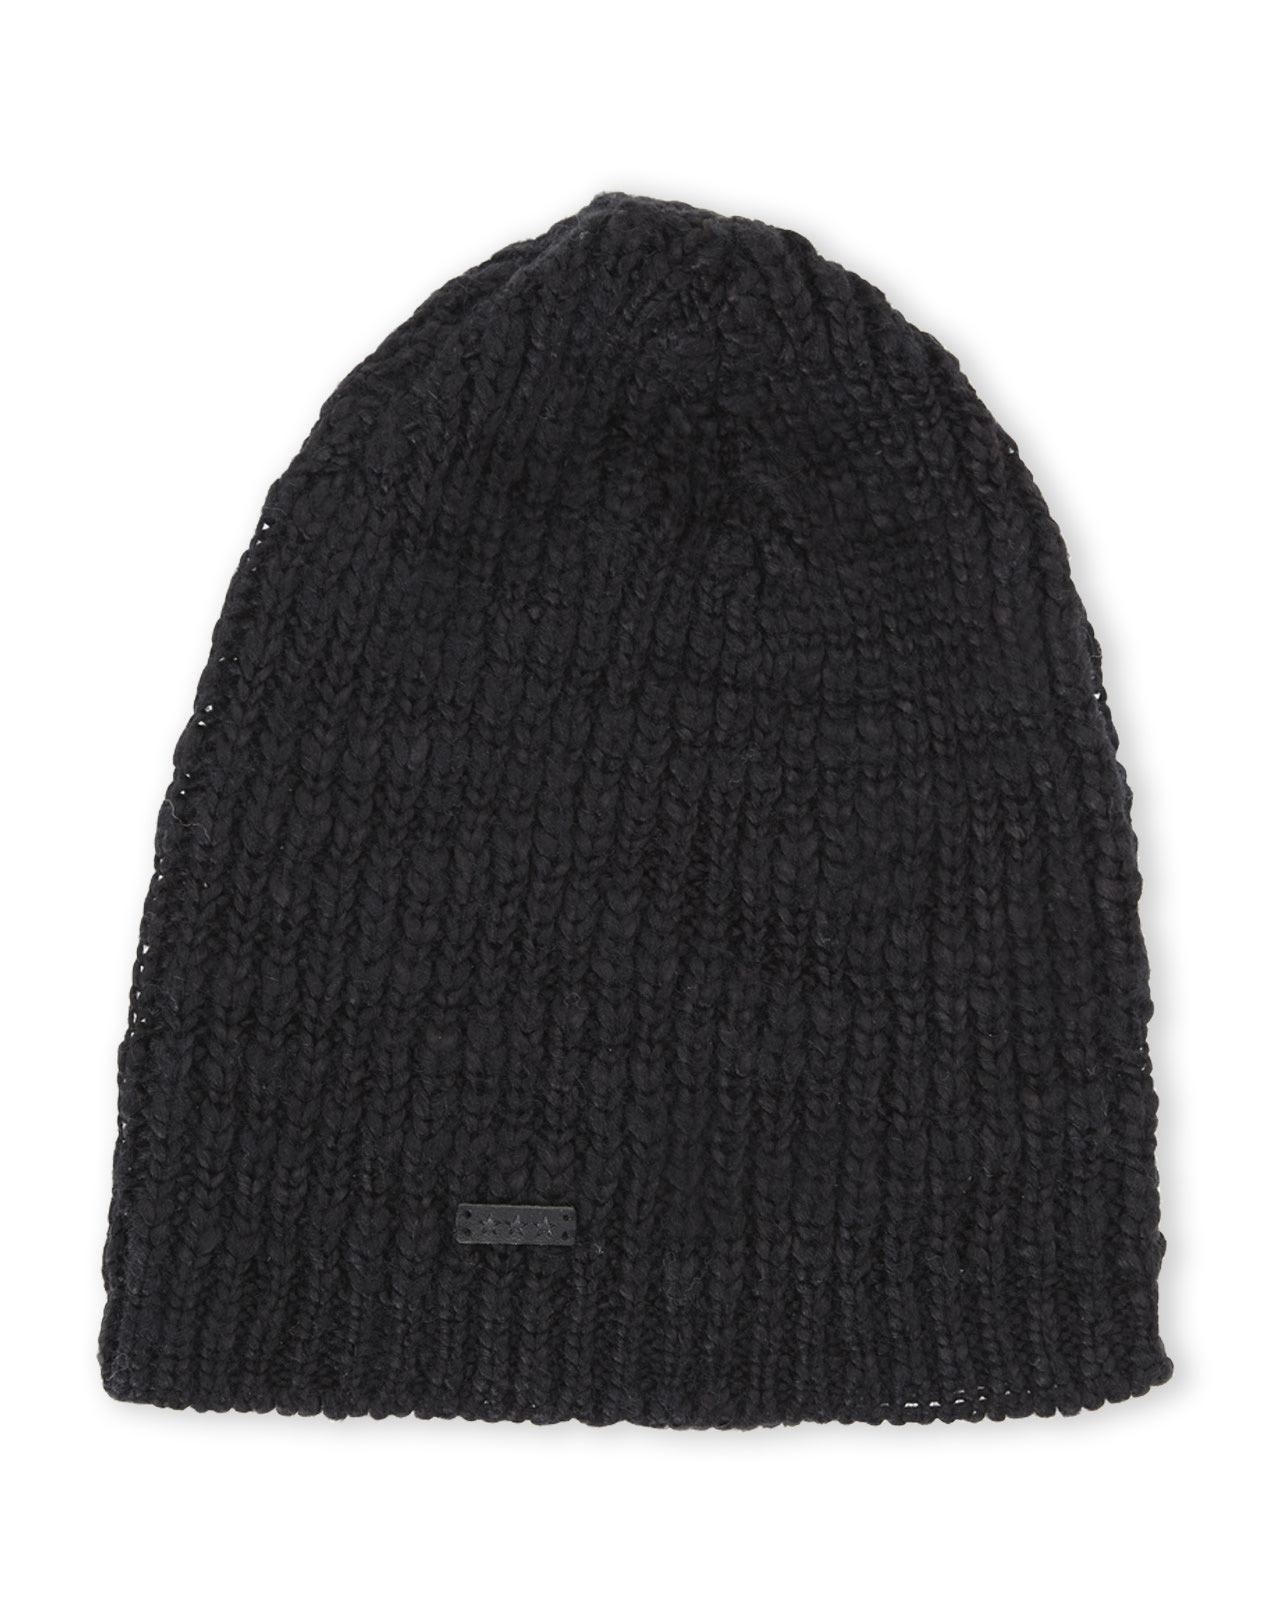 Lyst - John Varvatos Slouchy Knit Beanie in Black for Men 83ba1b9e389